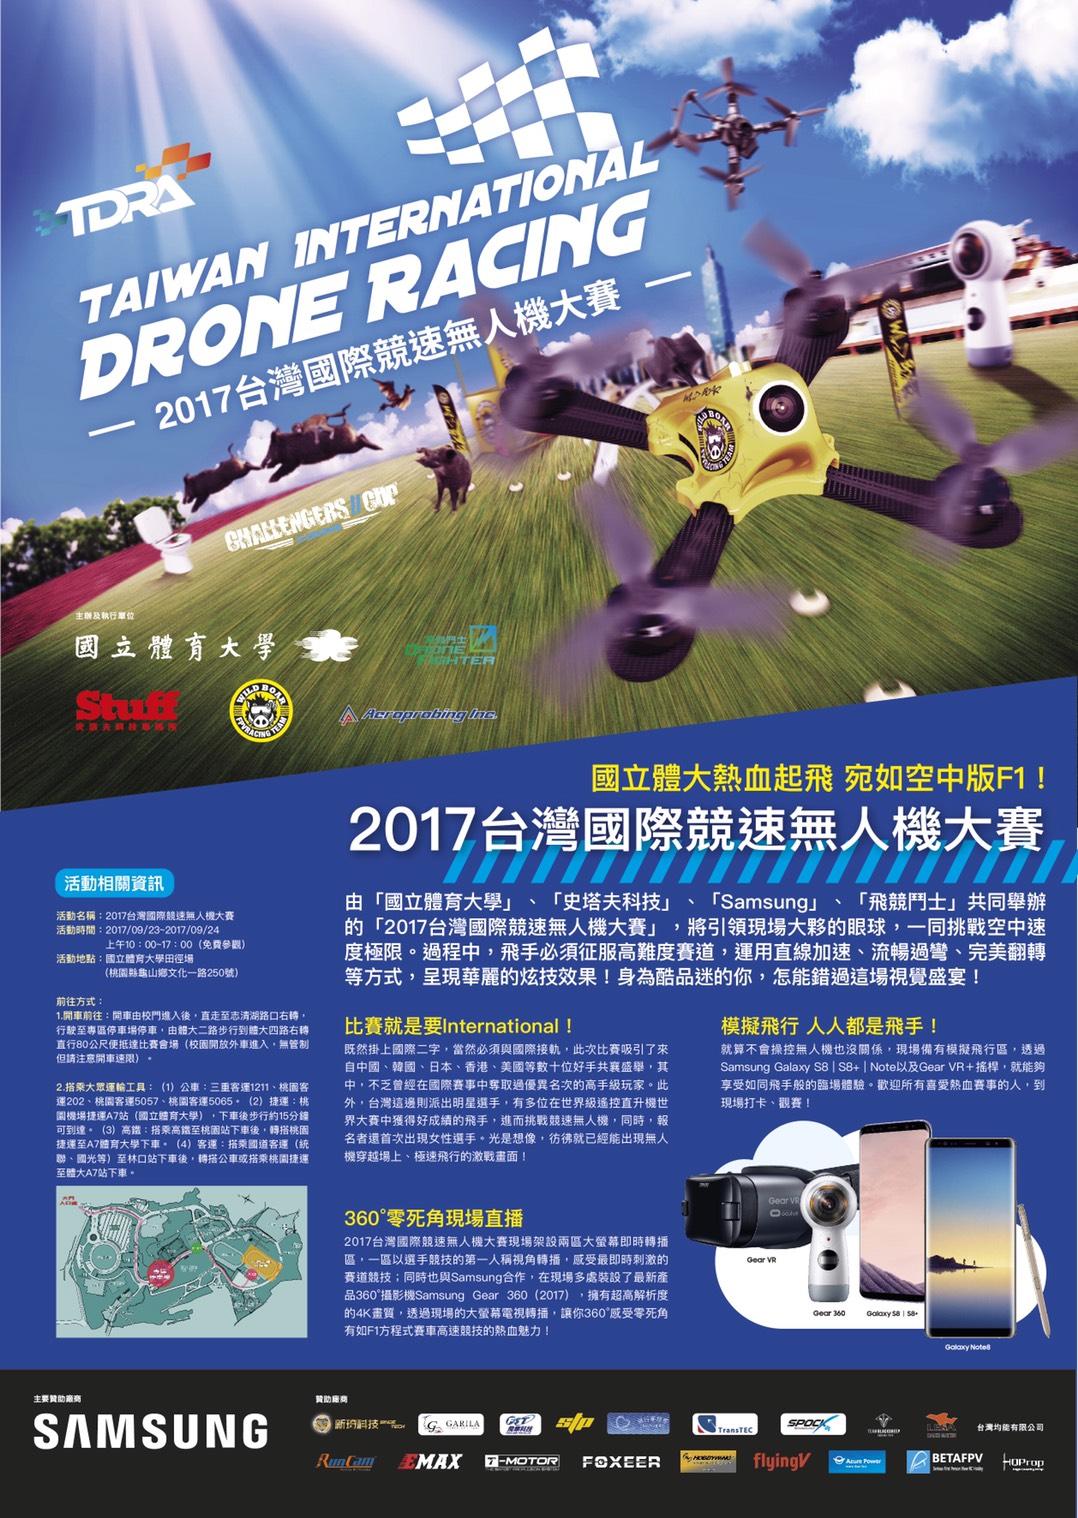 2017 台灣國際競速無人機大賽 桃園體大熱血起飛 宛如空中版F1!